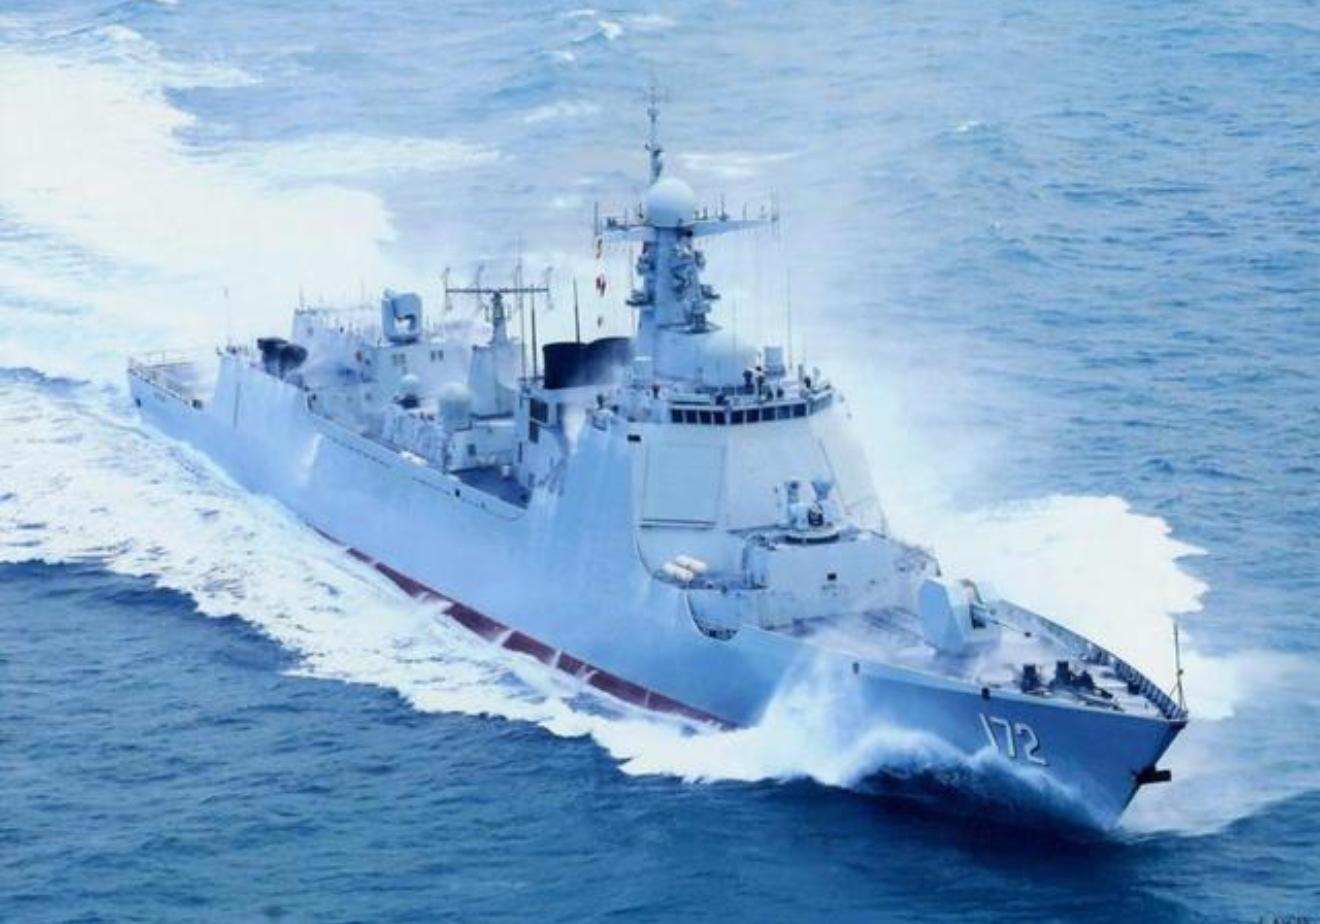 军事资讯_中国海军驱逐舰命名多有据可循,就属这艘052D最意外_凤凰军事